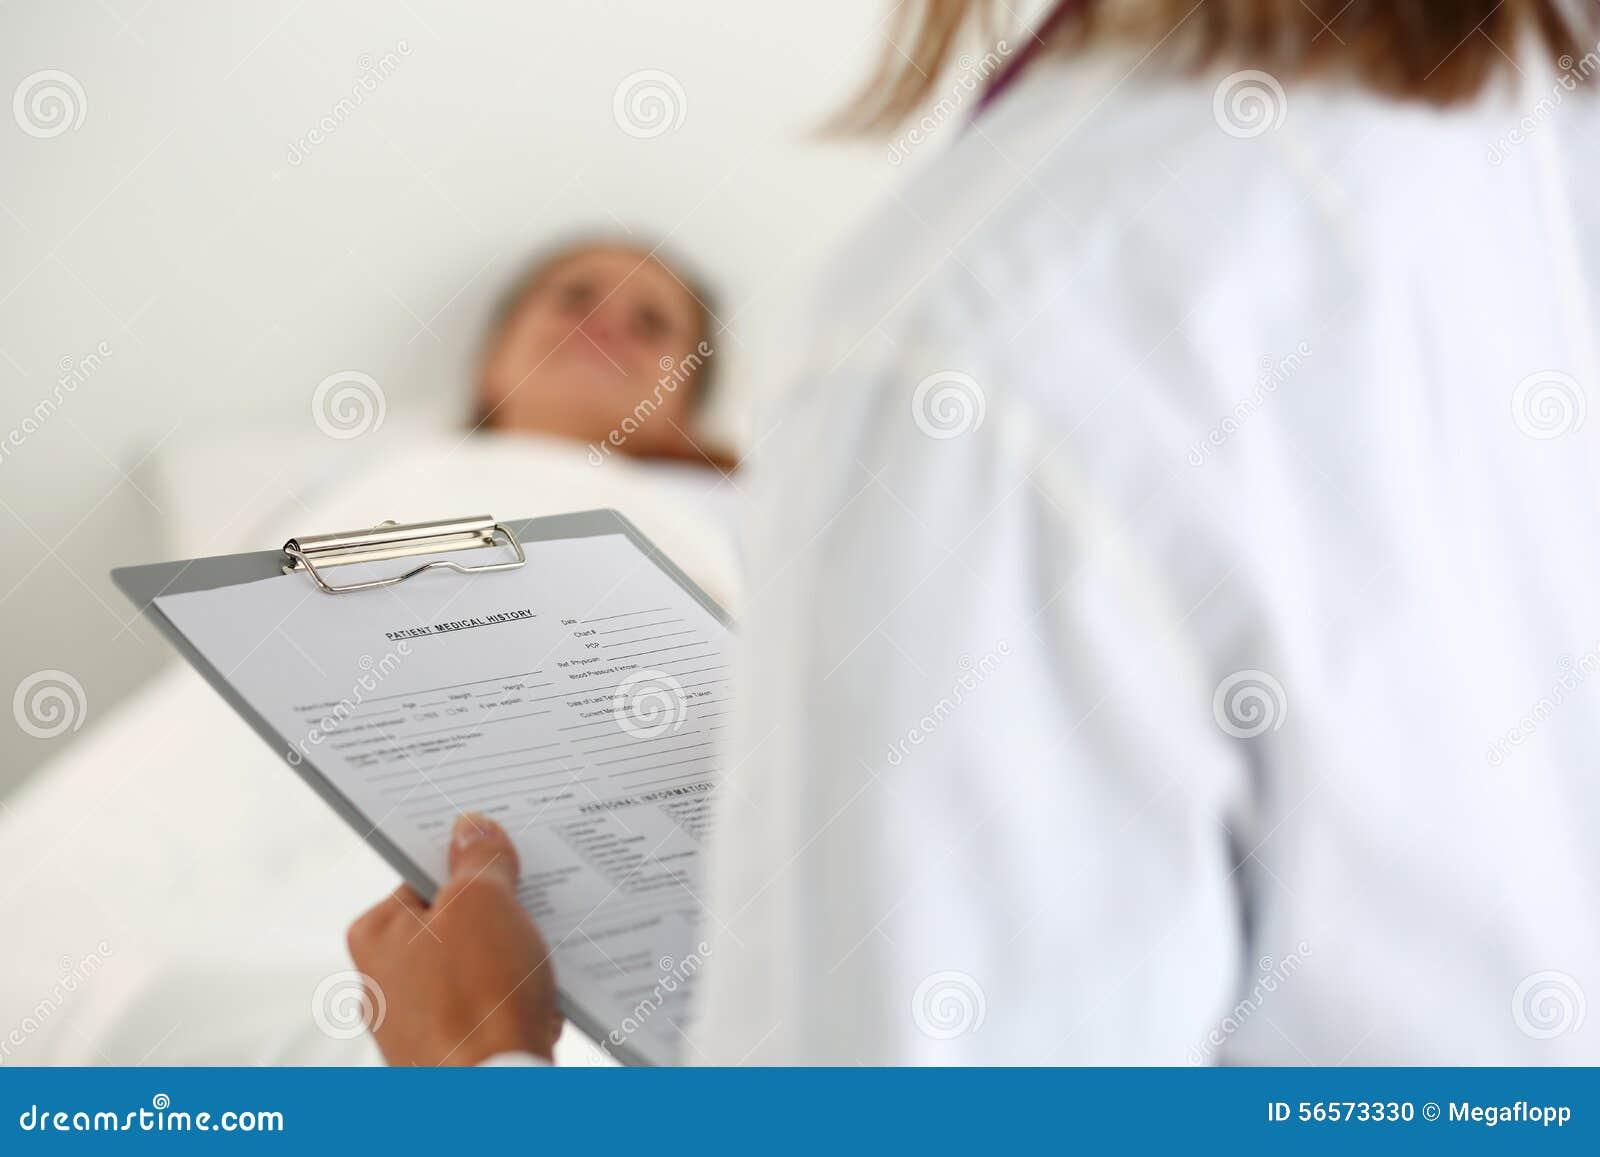 Download Θηλυκός κατάλογος ιατρικού ιστορικού ασθενών πλήρωσης γιατρών ιατρικής Στοκ Εικόνες - εικόνα από προσοχή, θηλυκό: 56573330